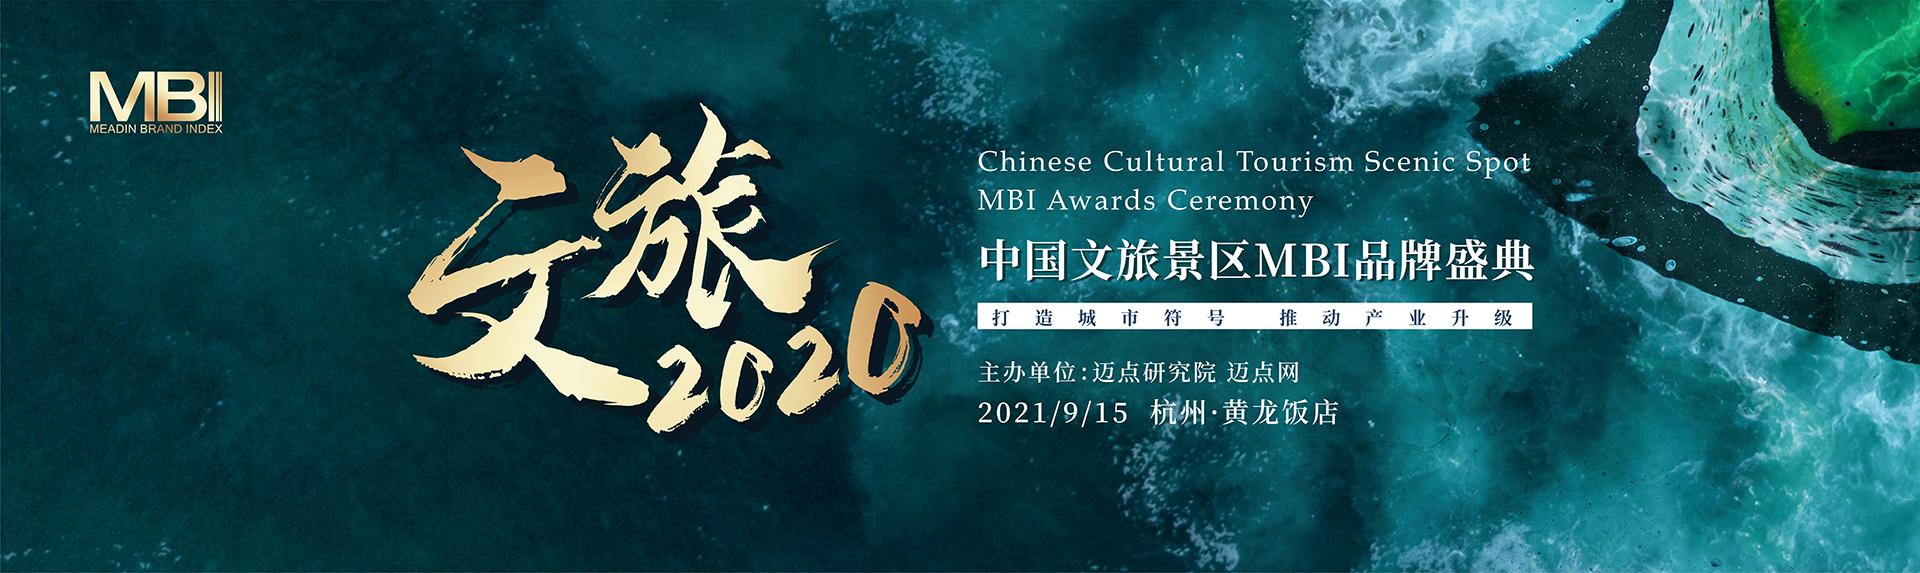 直播:文旅不止,脚步不停 中国文旅景区 MBI 颁奖盛典暨高峰论坛(2020-2021)